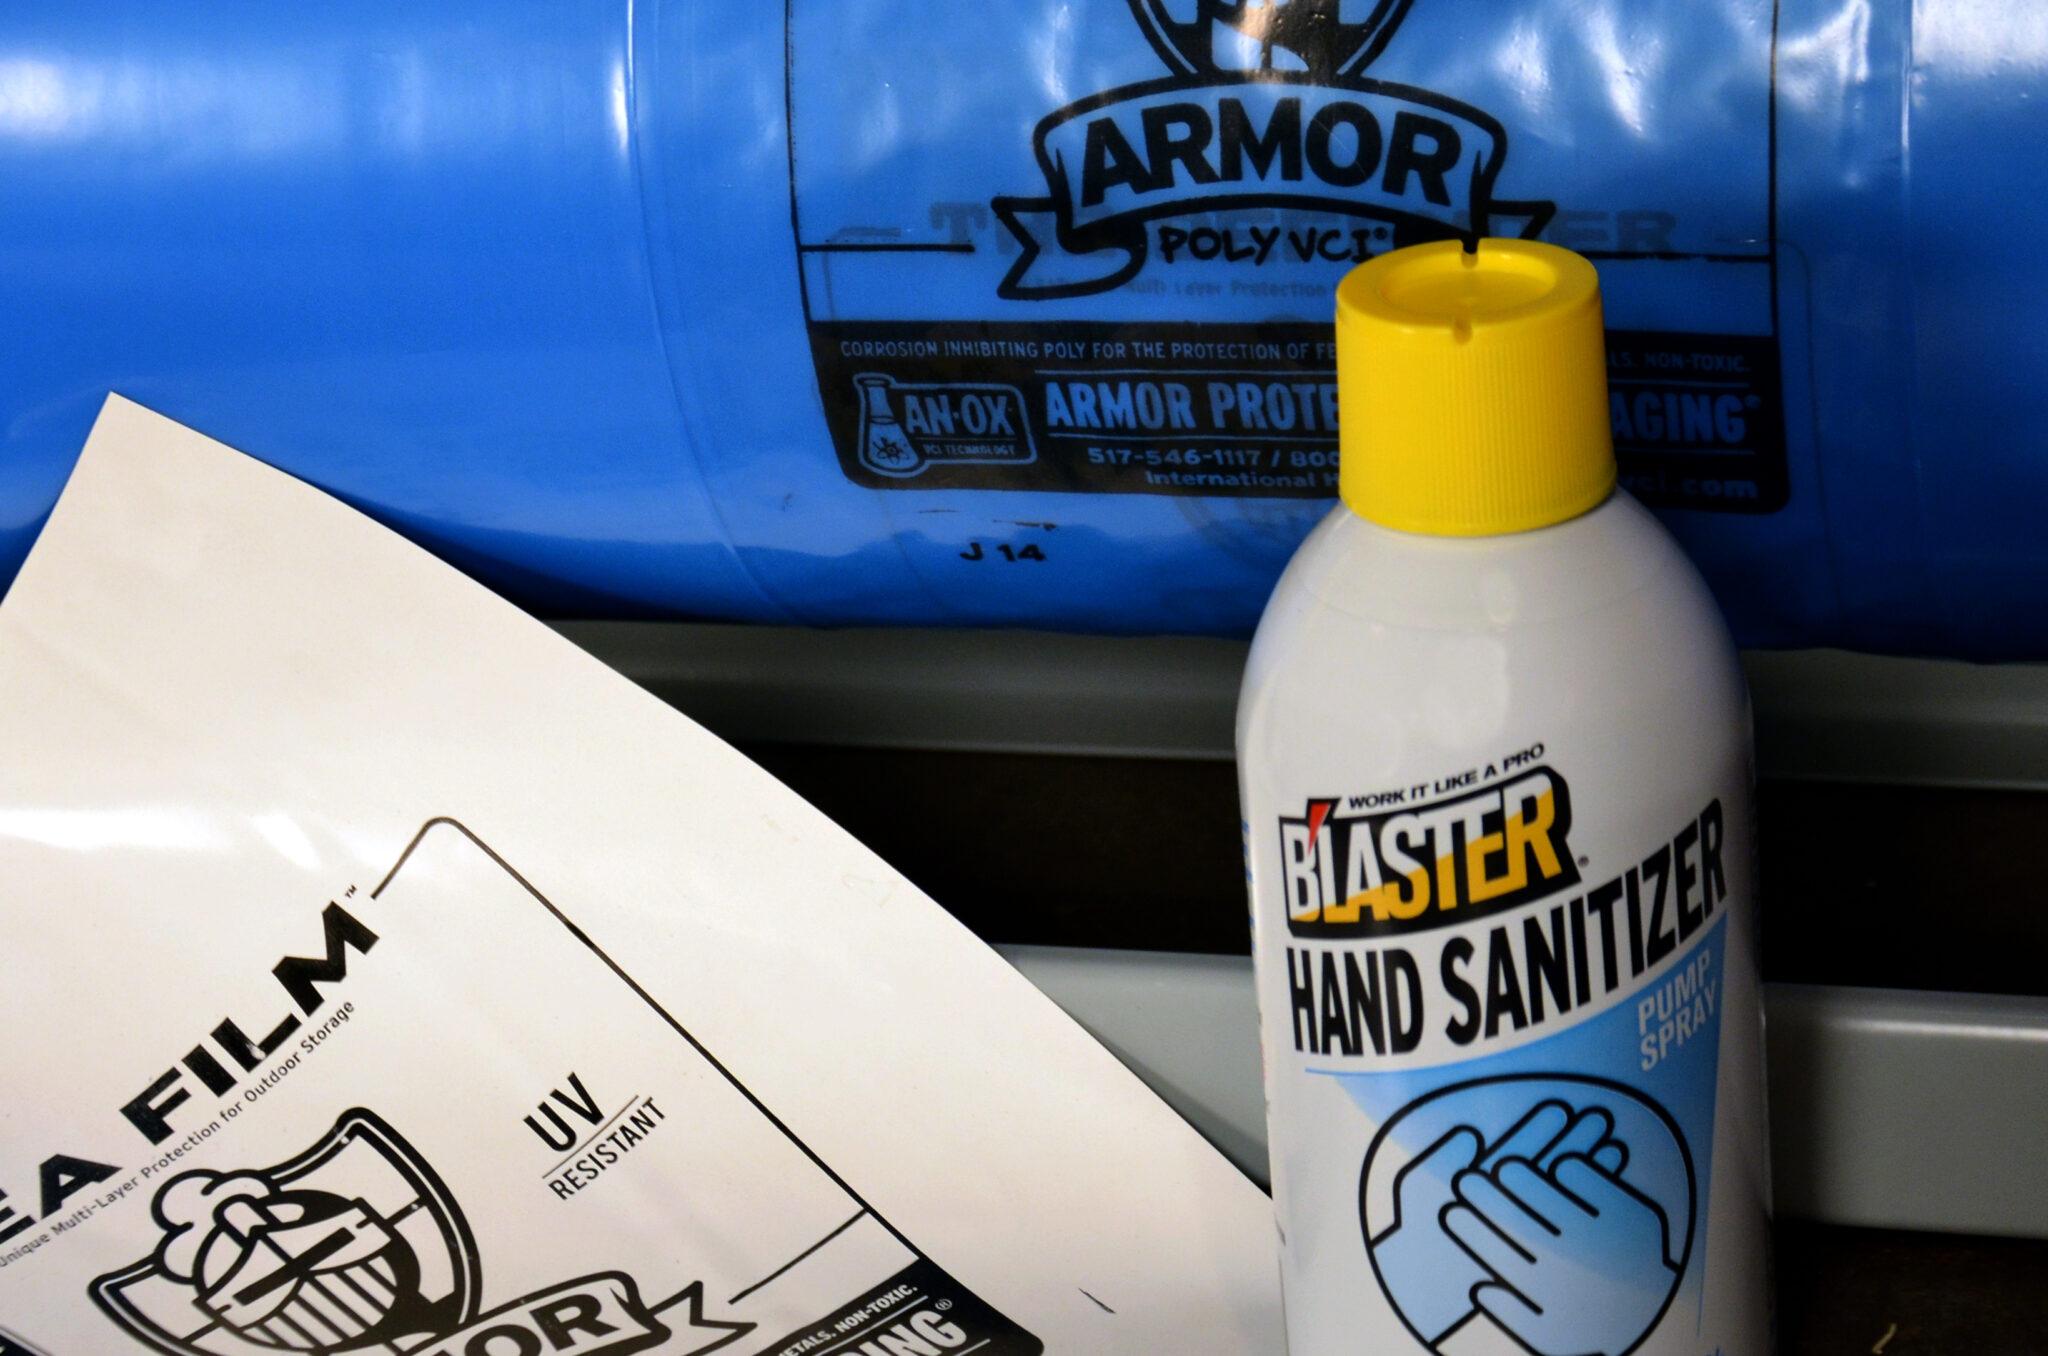 ARMOR Hand Sanitizer Bottle